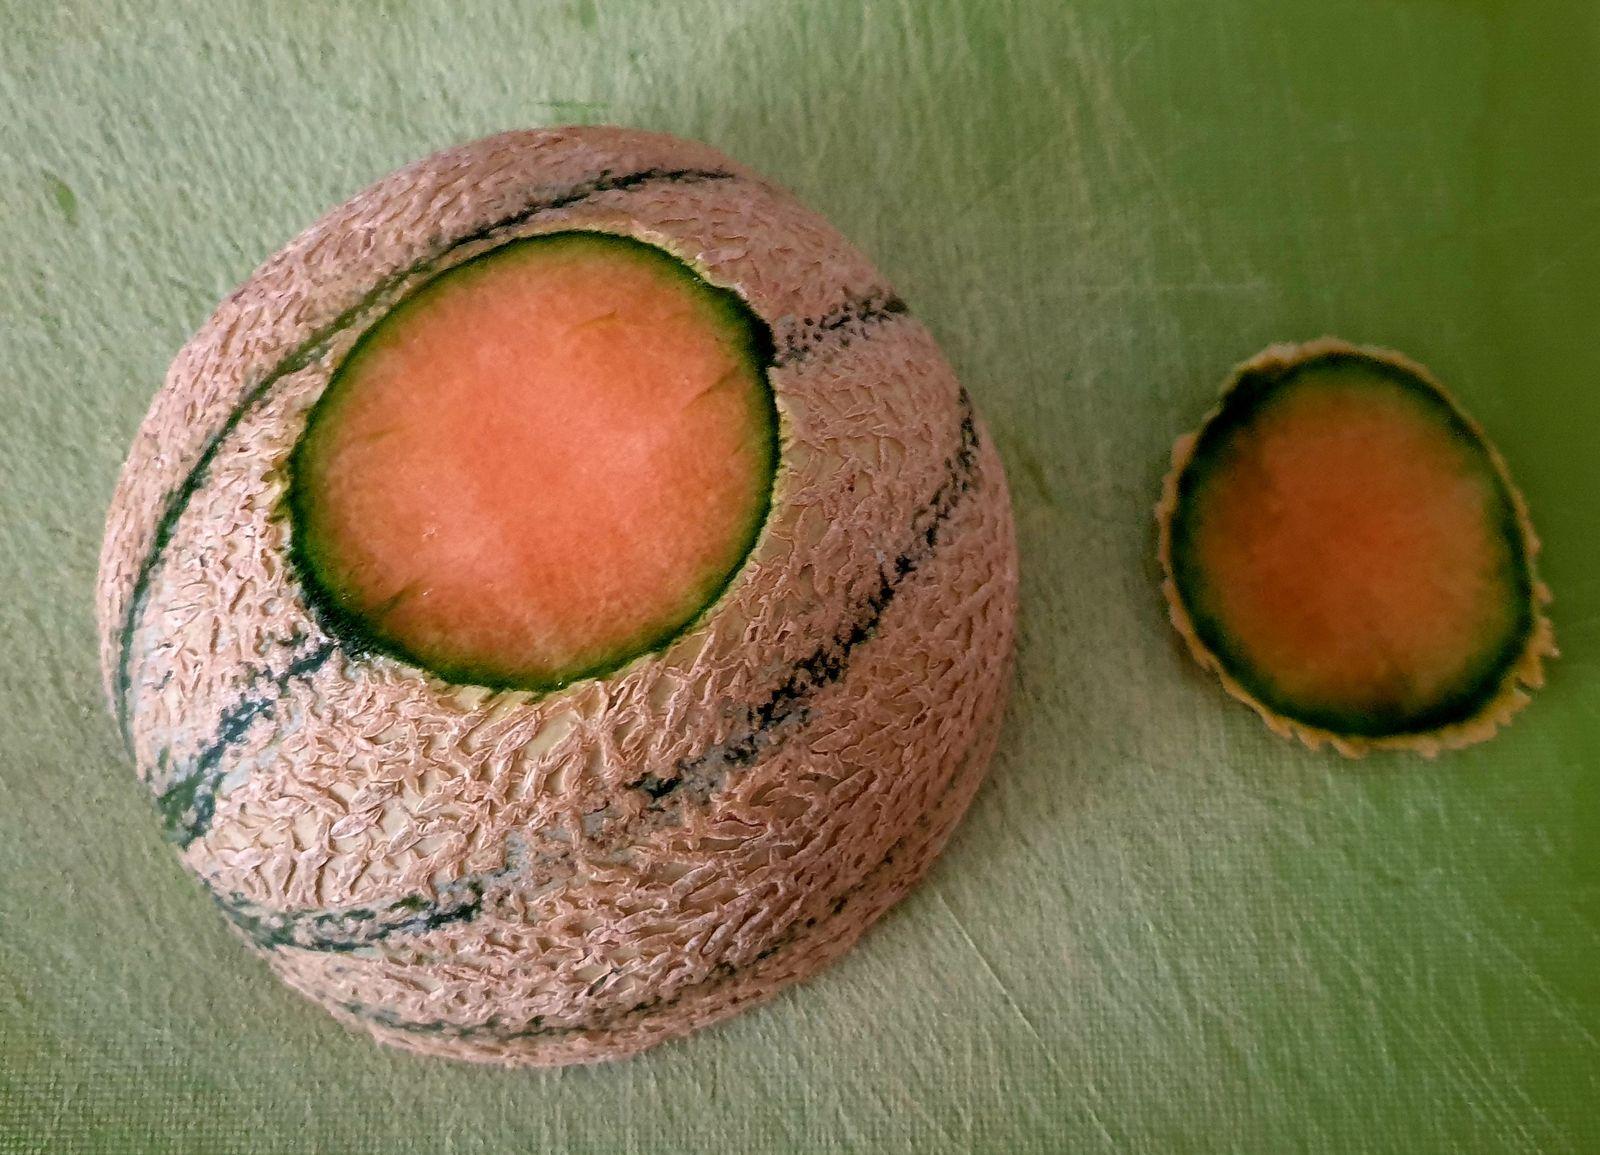 """Commencez par coupez le melon en deux, puis ôtez les pépins à l'aide d'une cuillère. Coupez ensuite, pour démarrer, une """"semelle"""" sur un demi melon avec un couteau scié."""